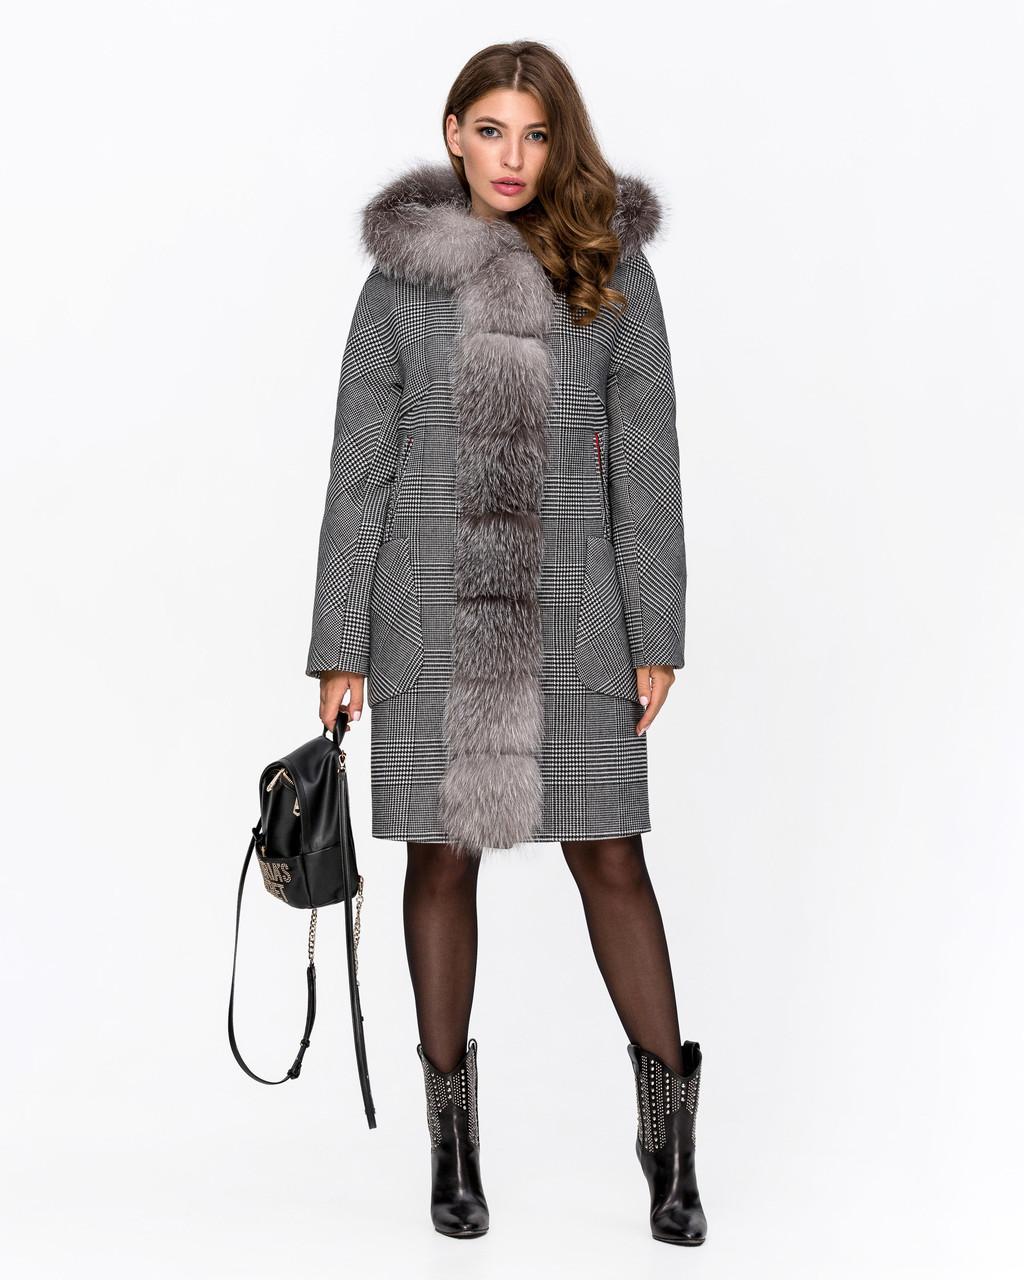 Зимнее женское пальто Оверсайз в клетку с капюшоном